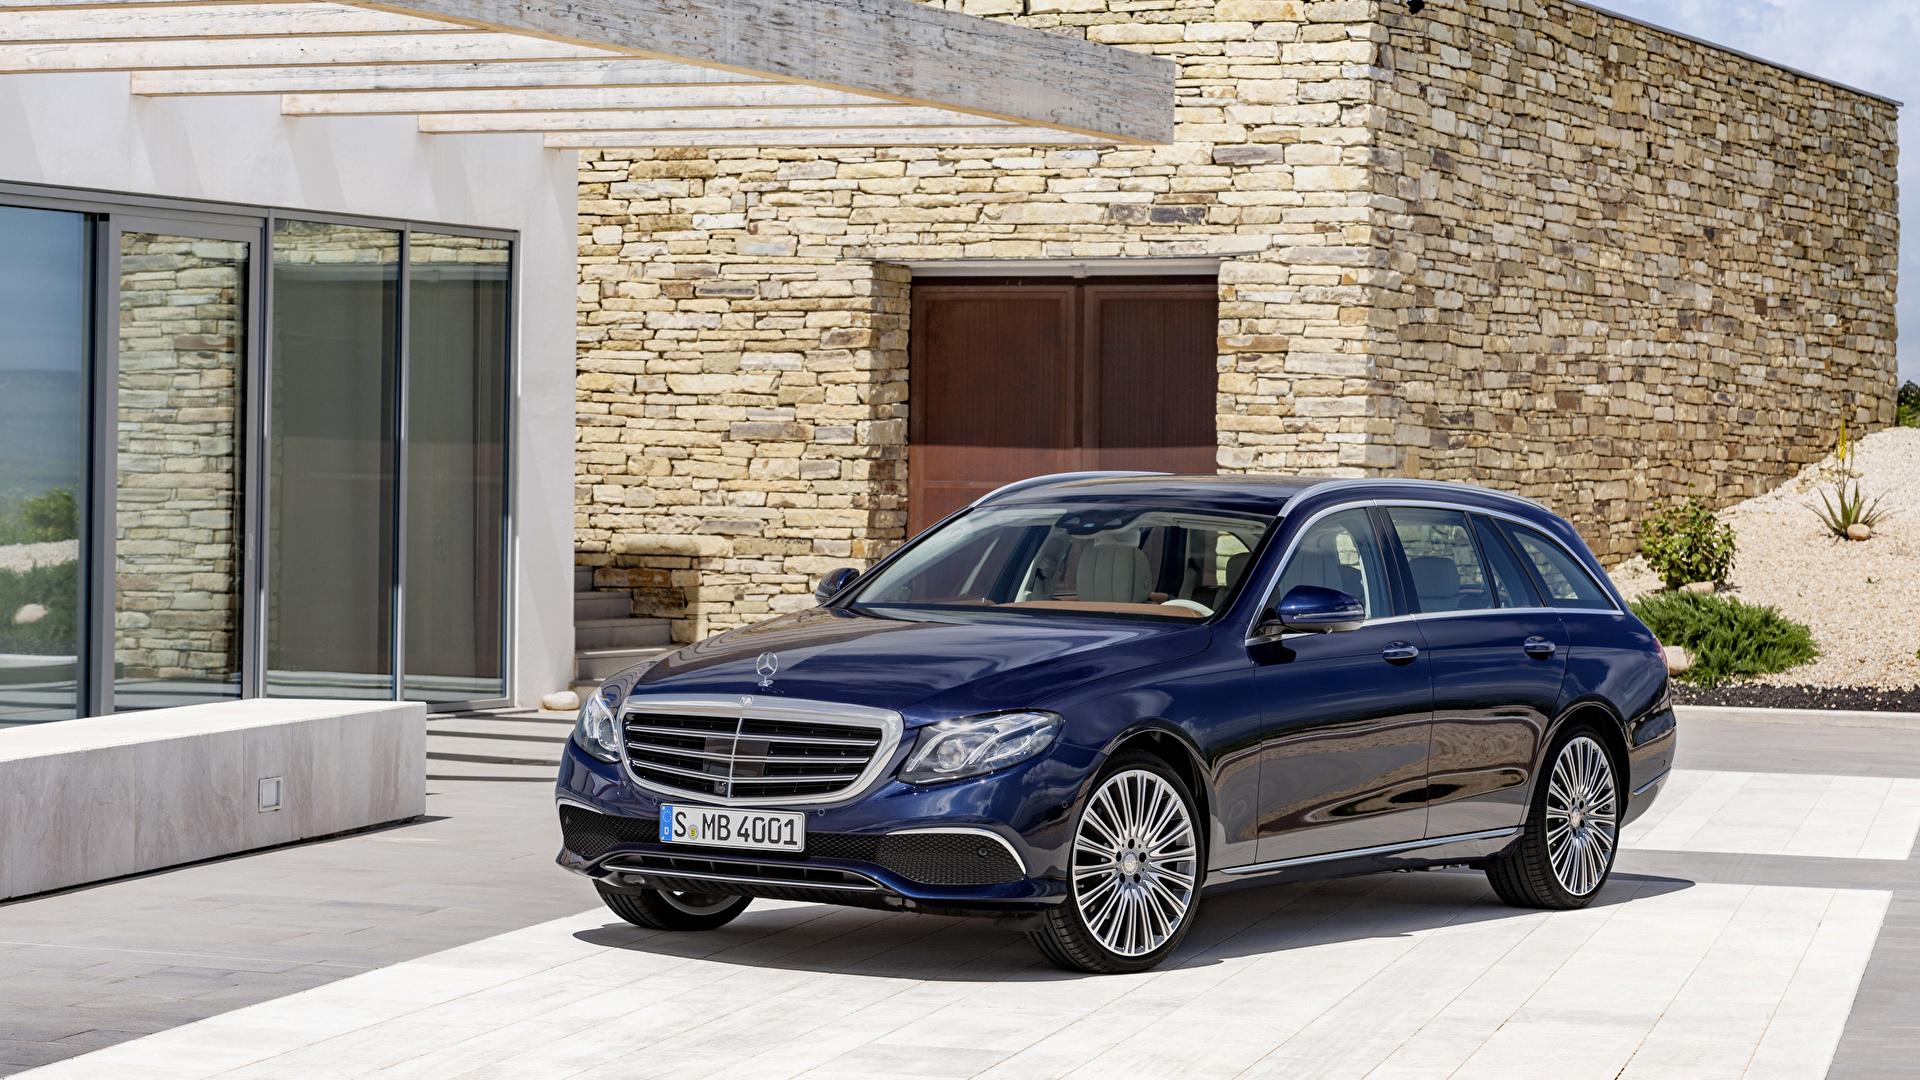 Картинка Mercedes-Benz 2016 E 200 d Exclusive Line Estate синяя Металлик Автомобили 1920x1080 Мерседес бенц синих синие Синий авто машина машины автомобиль